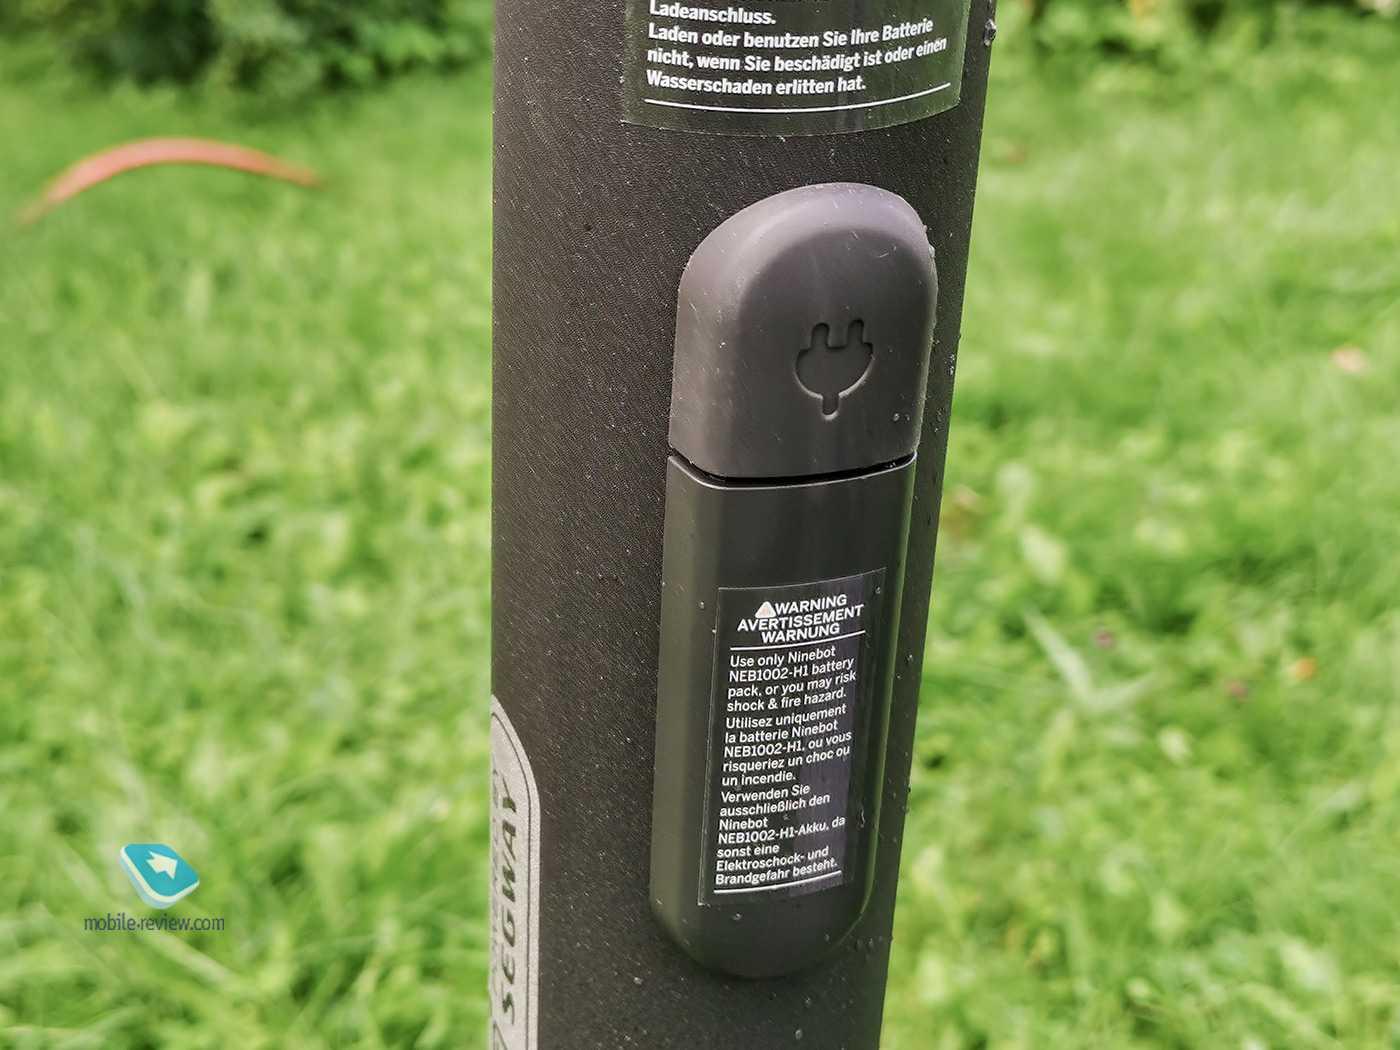 Обзор segway ninebot kickscooter air t15: завидую тем, кто будет пользоваться им...